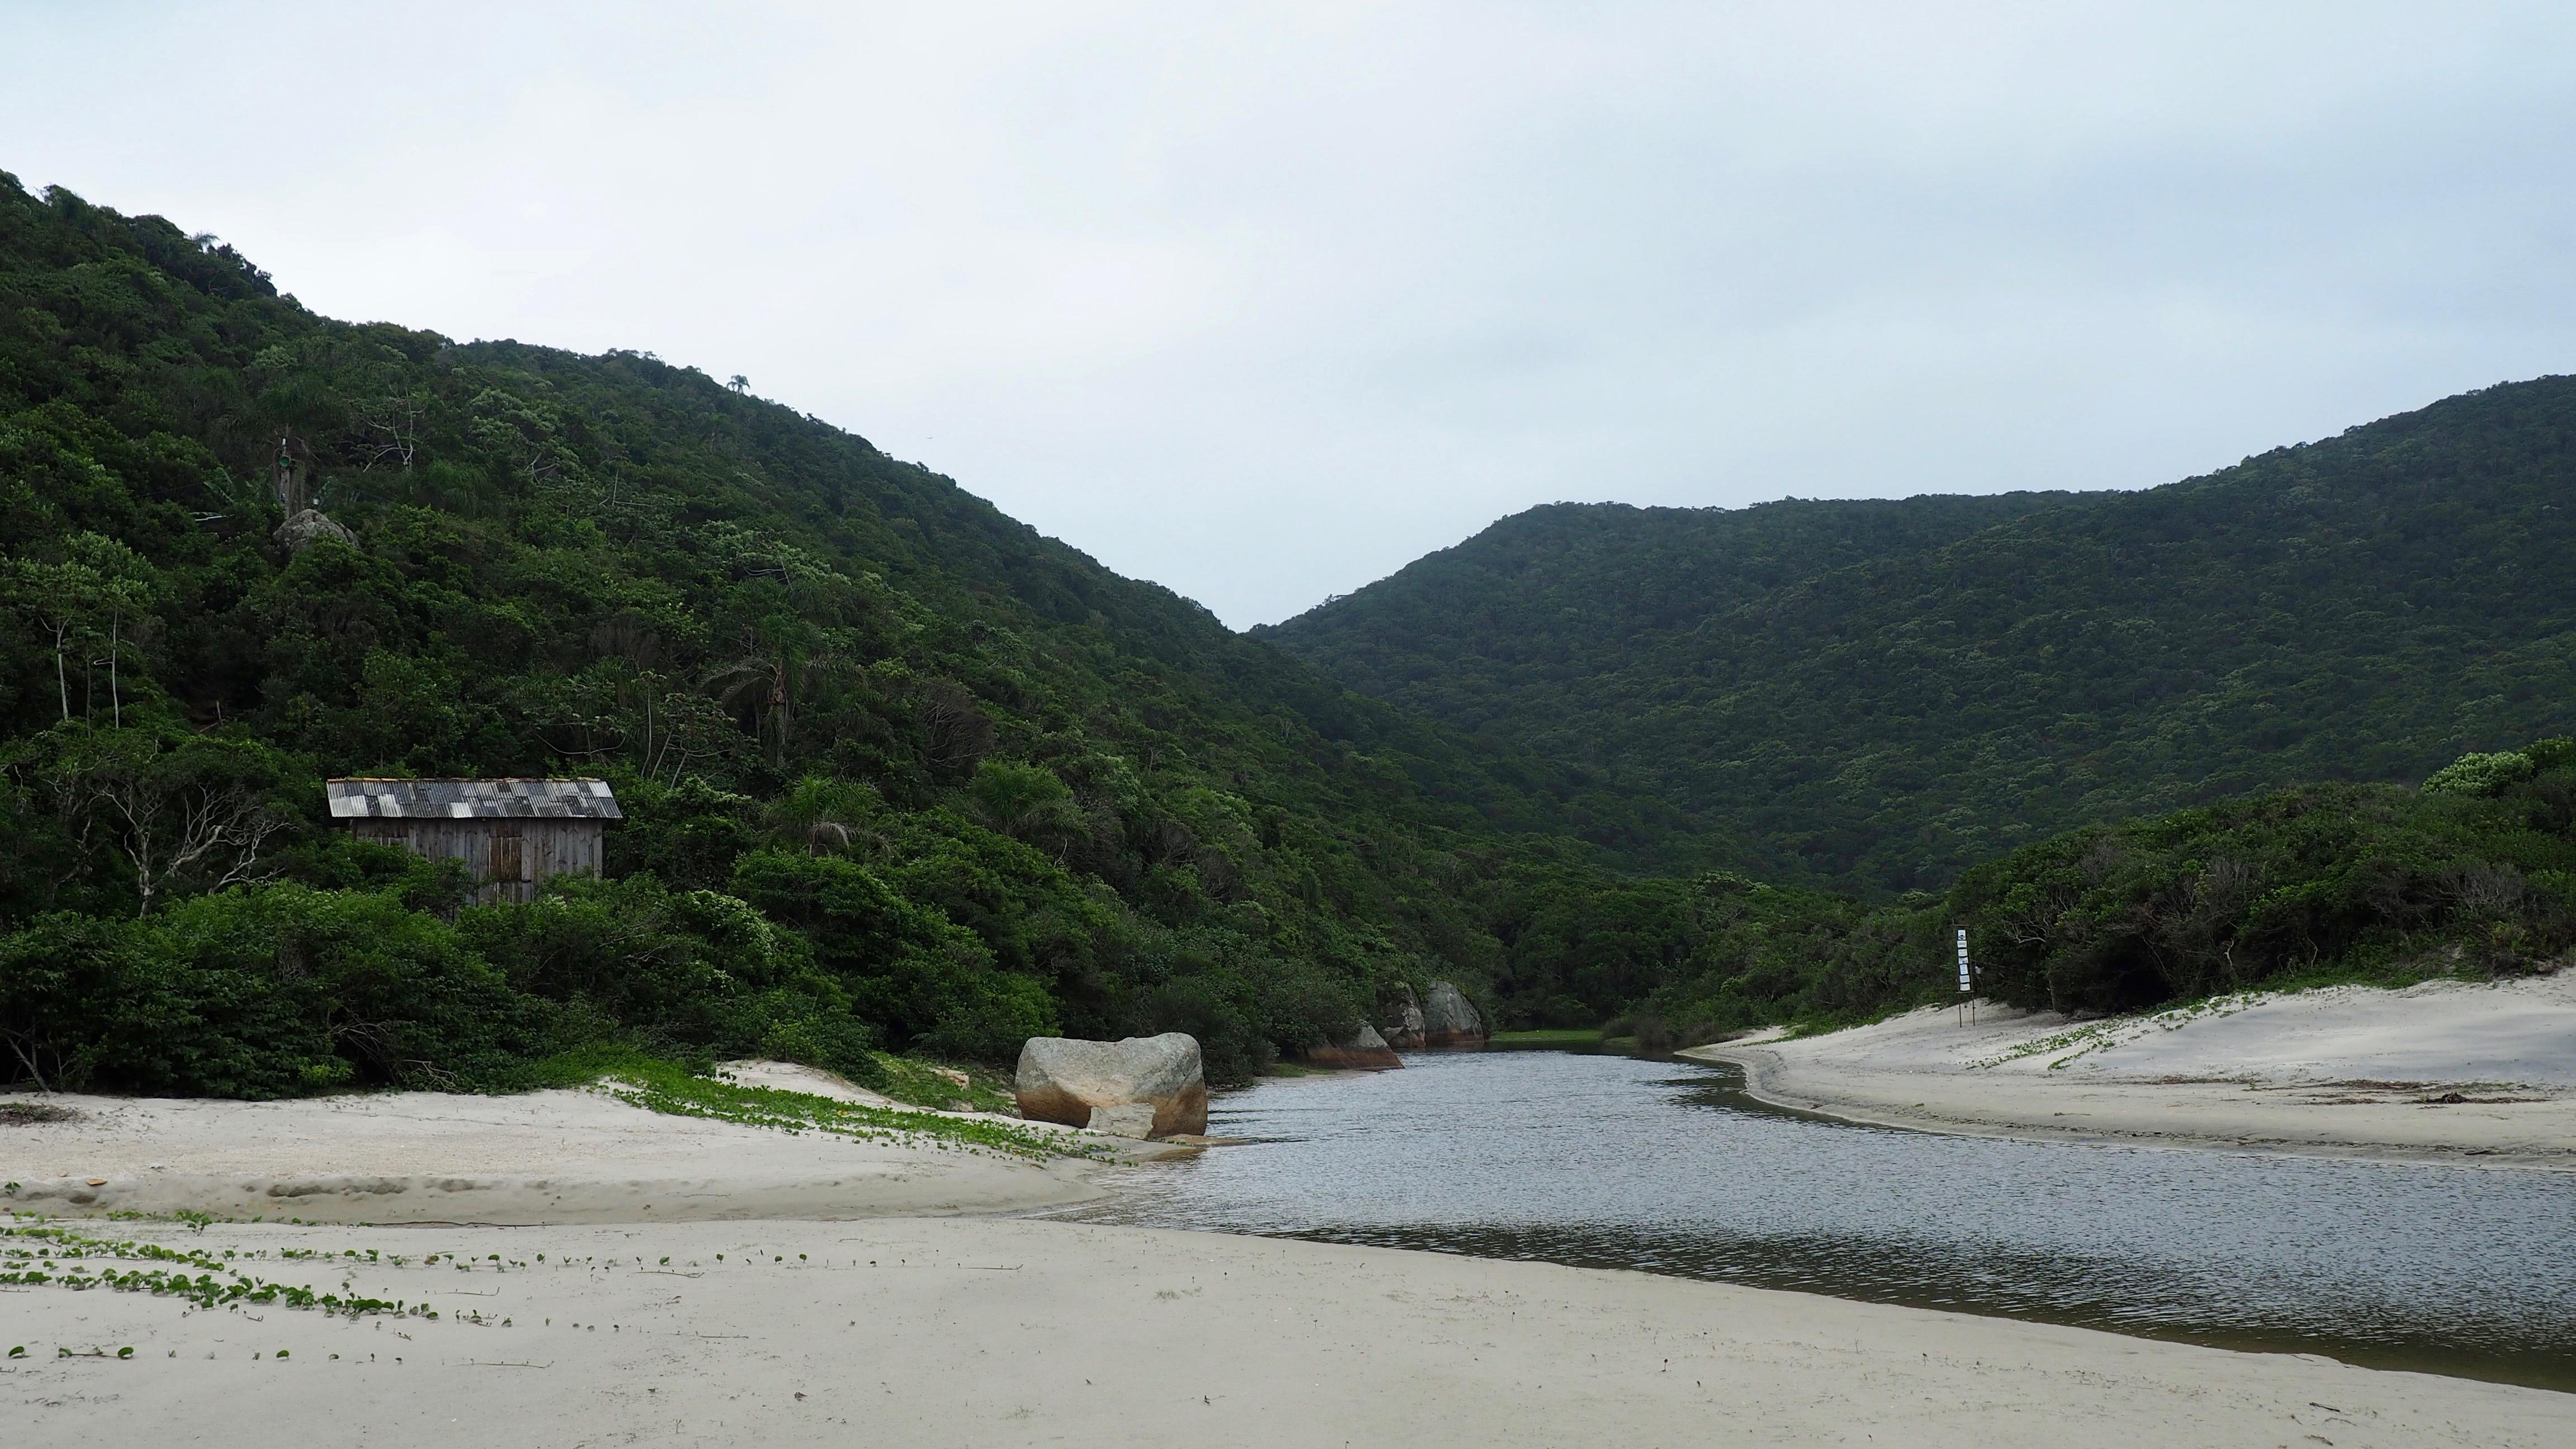 Cómo llegar a la Playa de los Náufragos (Florianópolis), en el extremo sur de la isla